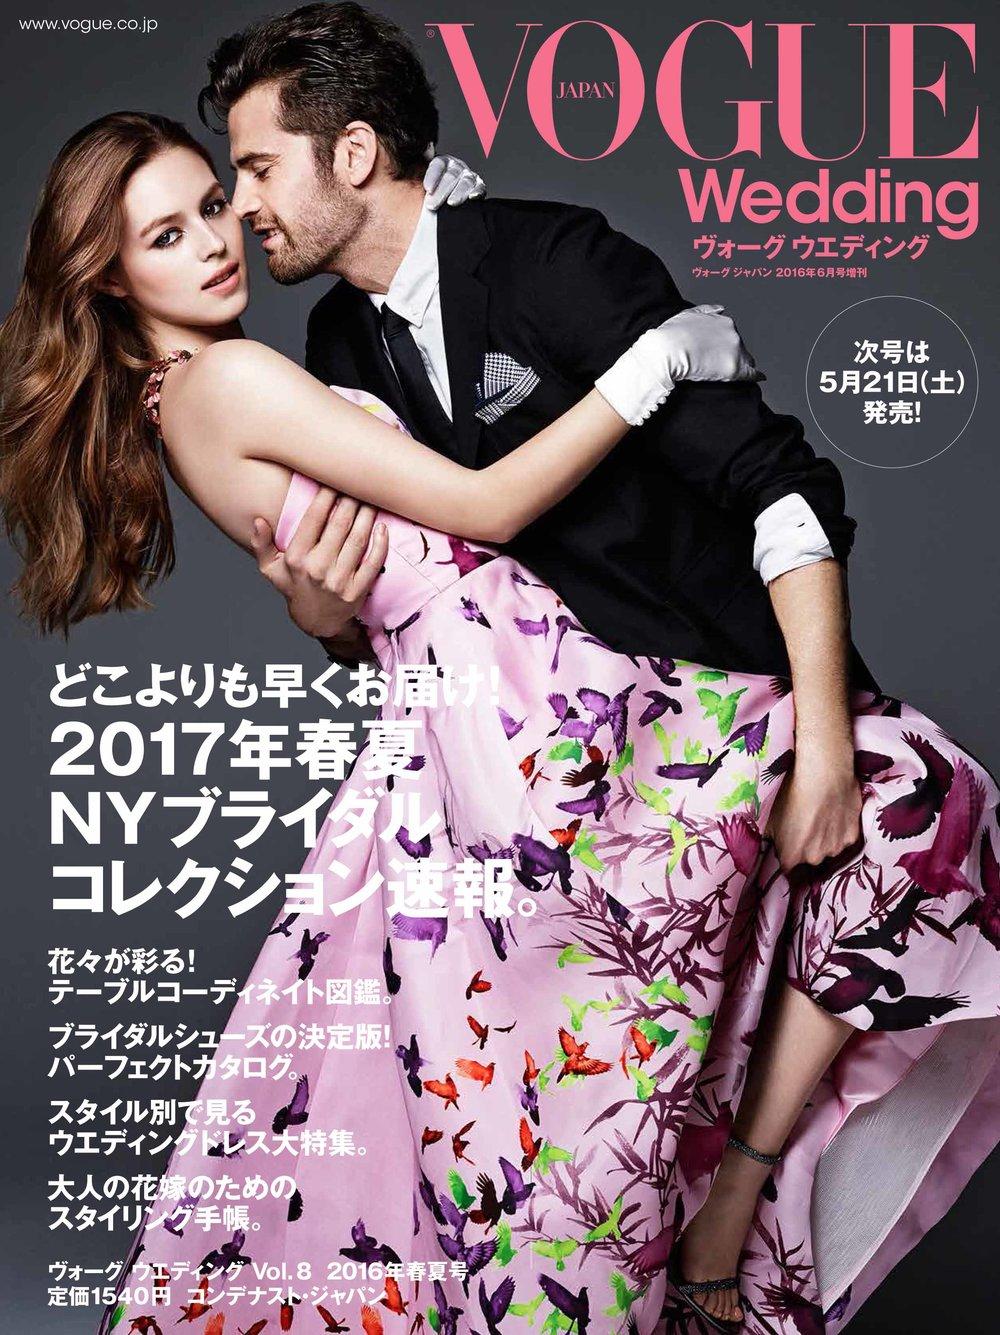 2016_06月号_064_Wedding自社広告 [P].jpg